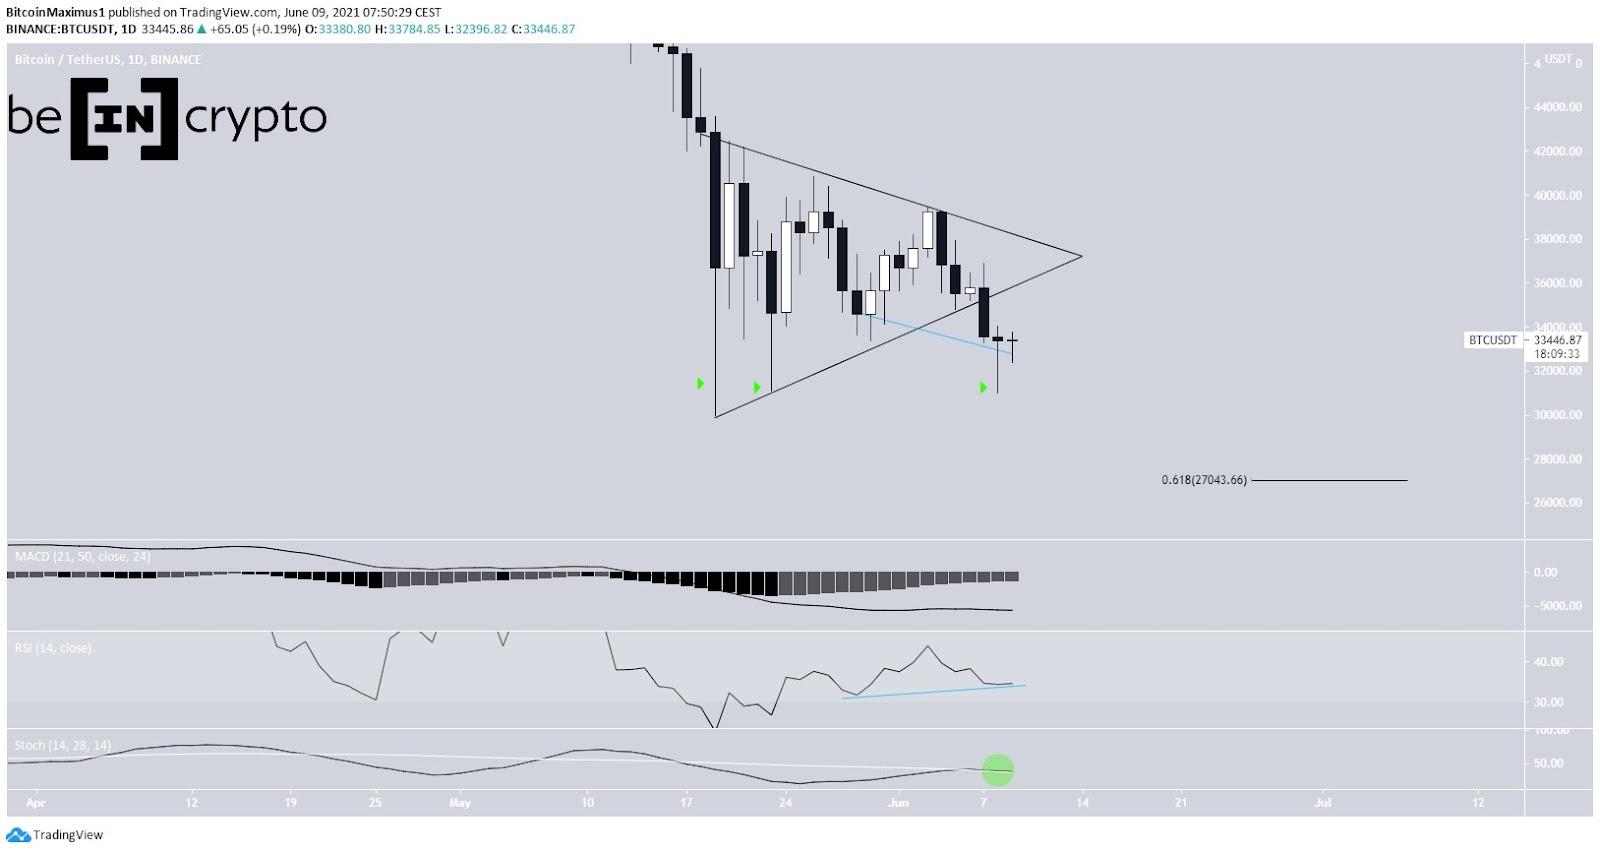 Bitcoin Preis Kurs Tageschart Tradingview 09.06.2021